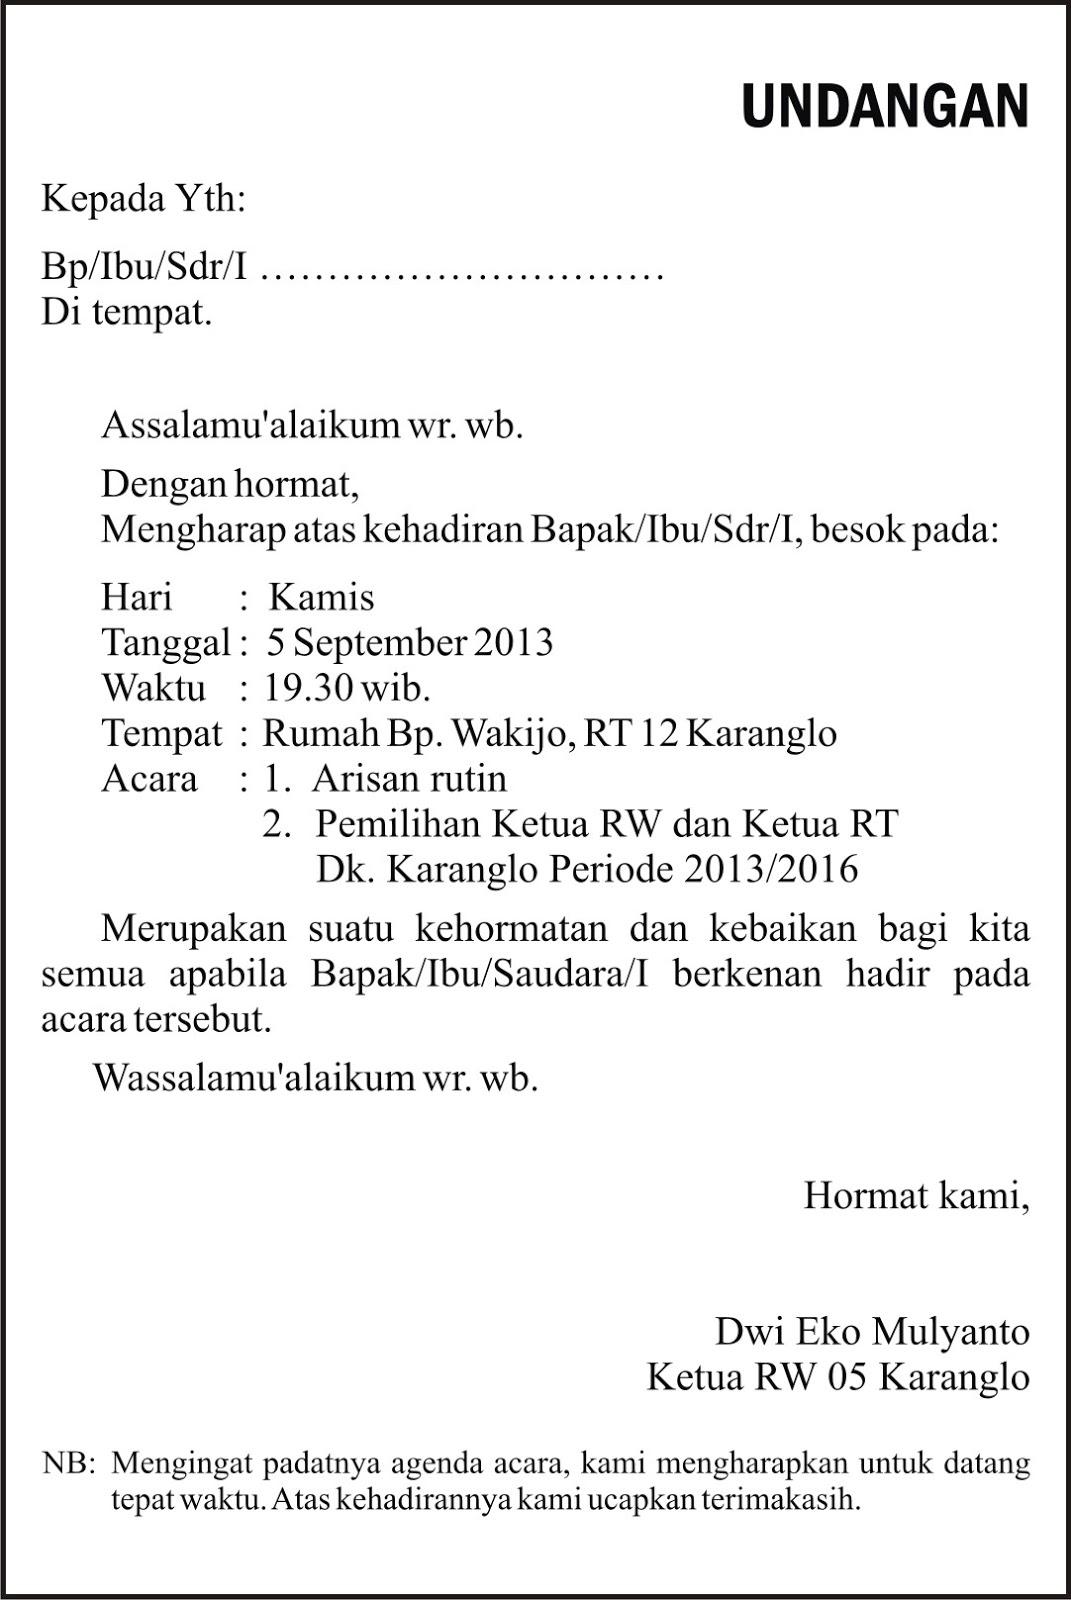 Rw 5 Karanglo Karangdukuh Contoh Undangan Rapat Pemilihan Ketua Rw